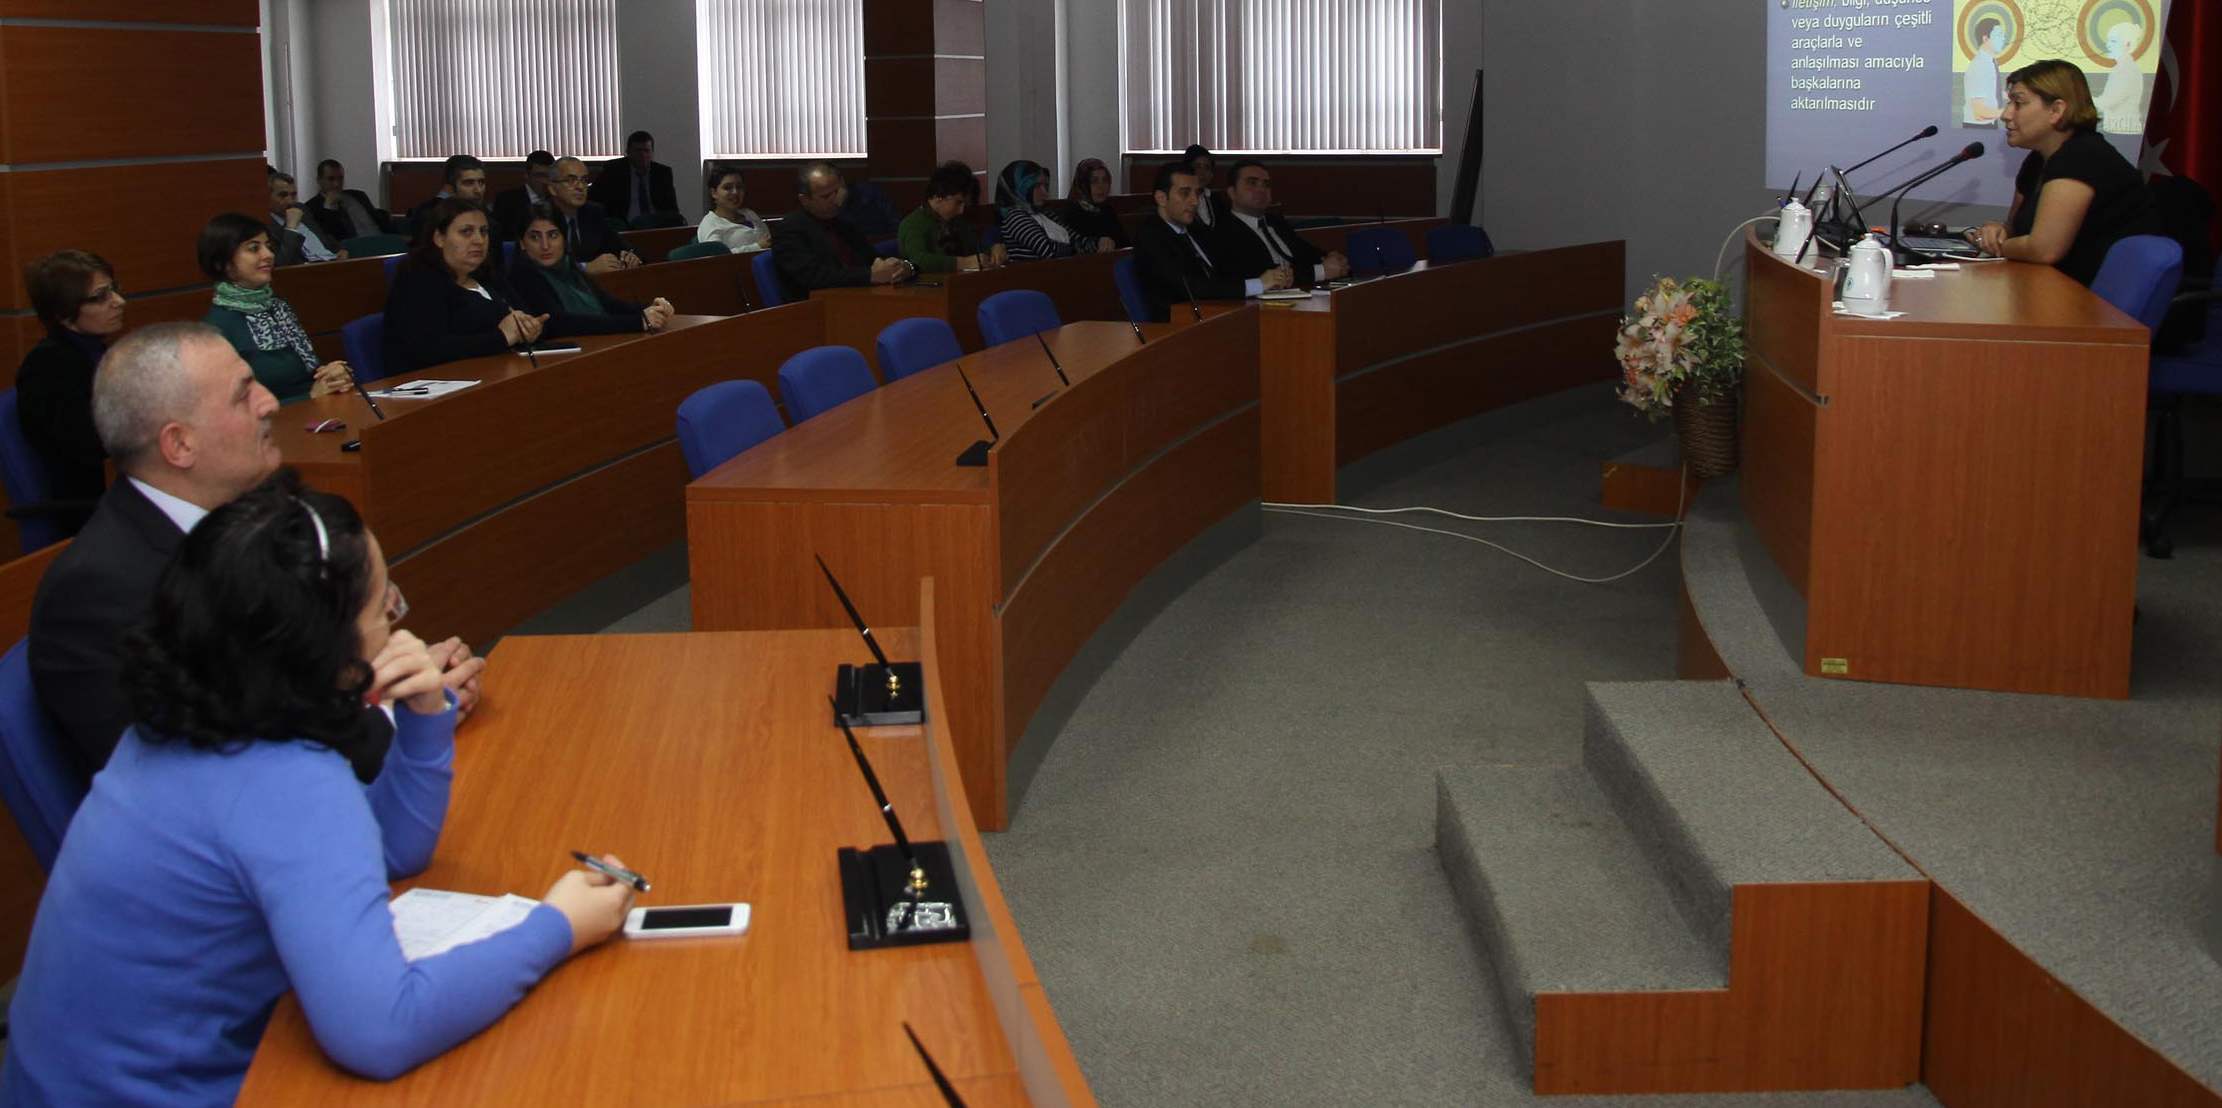 Rize Belediyesi kurumsal yapısını eğitimle güçlendiriyor